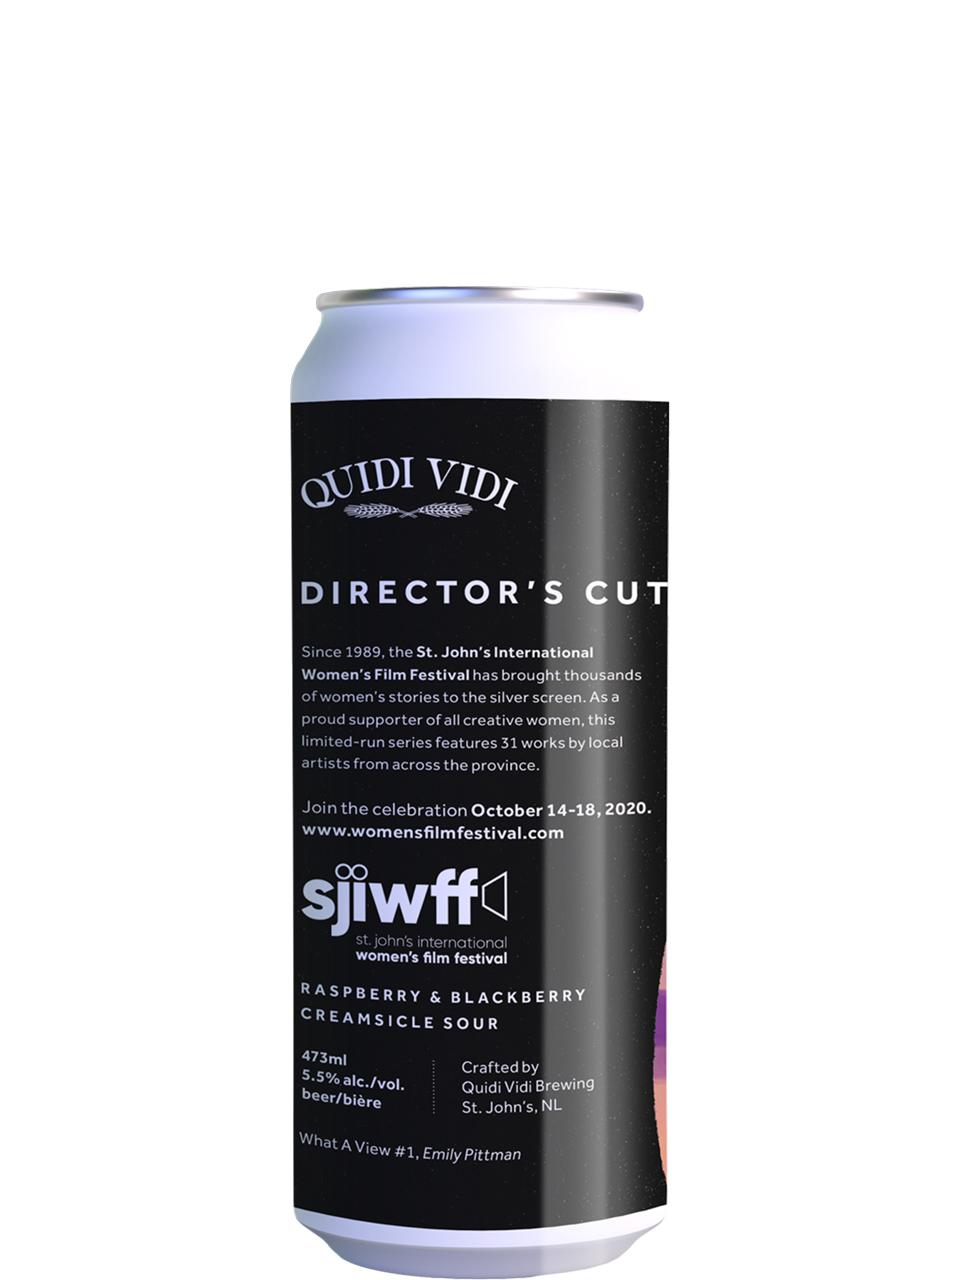 Quidi Vidi Director's Cut Blkberry Rasp.Creamsicle